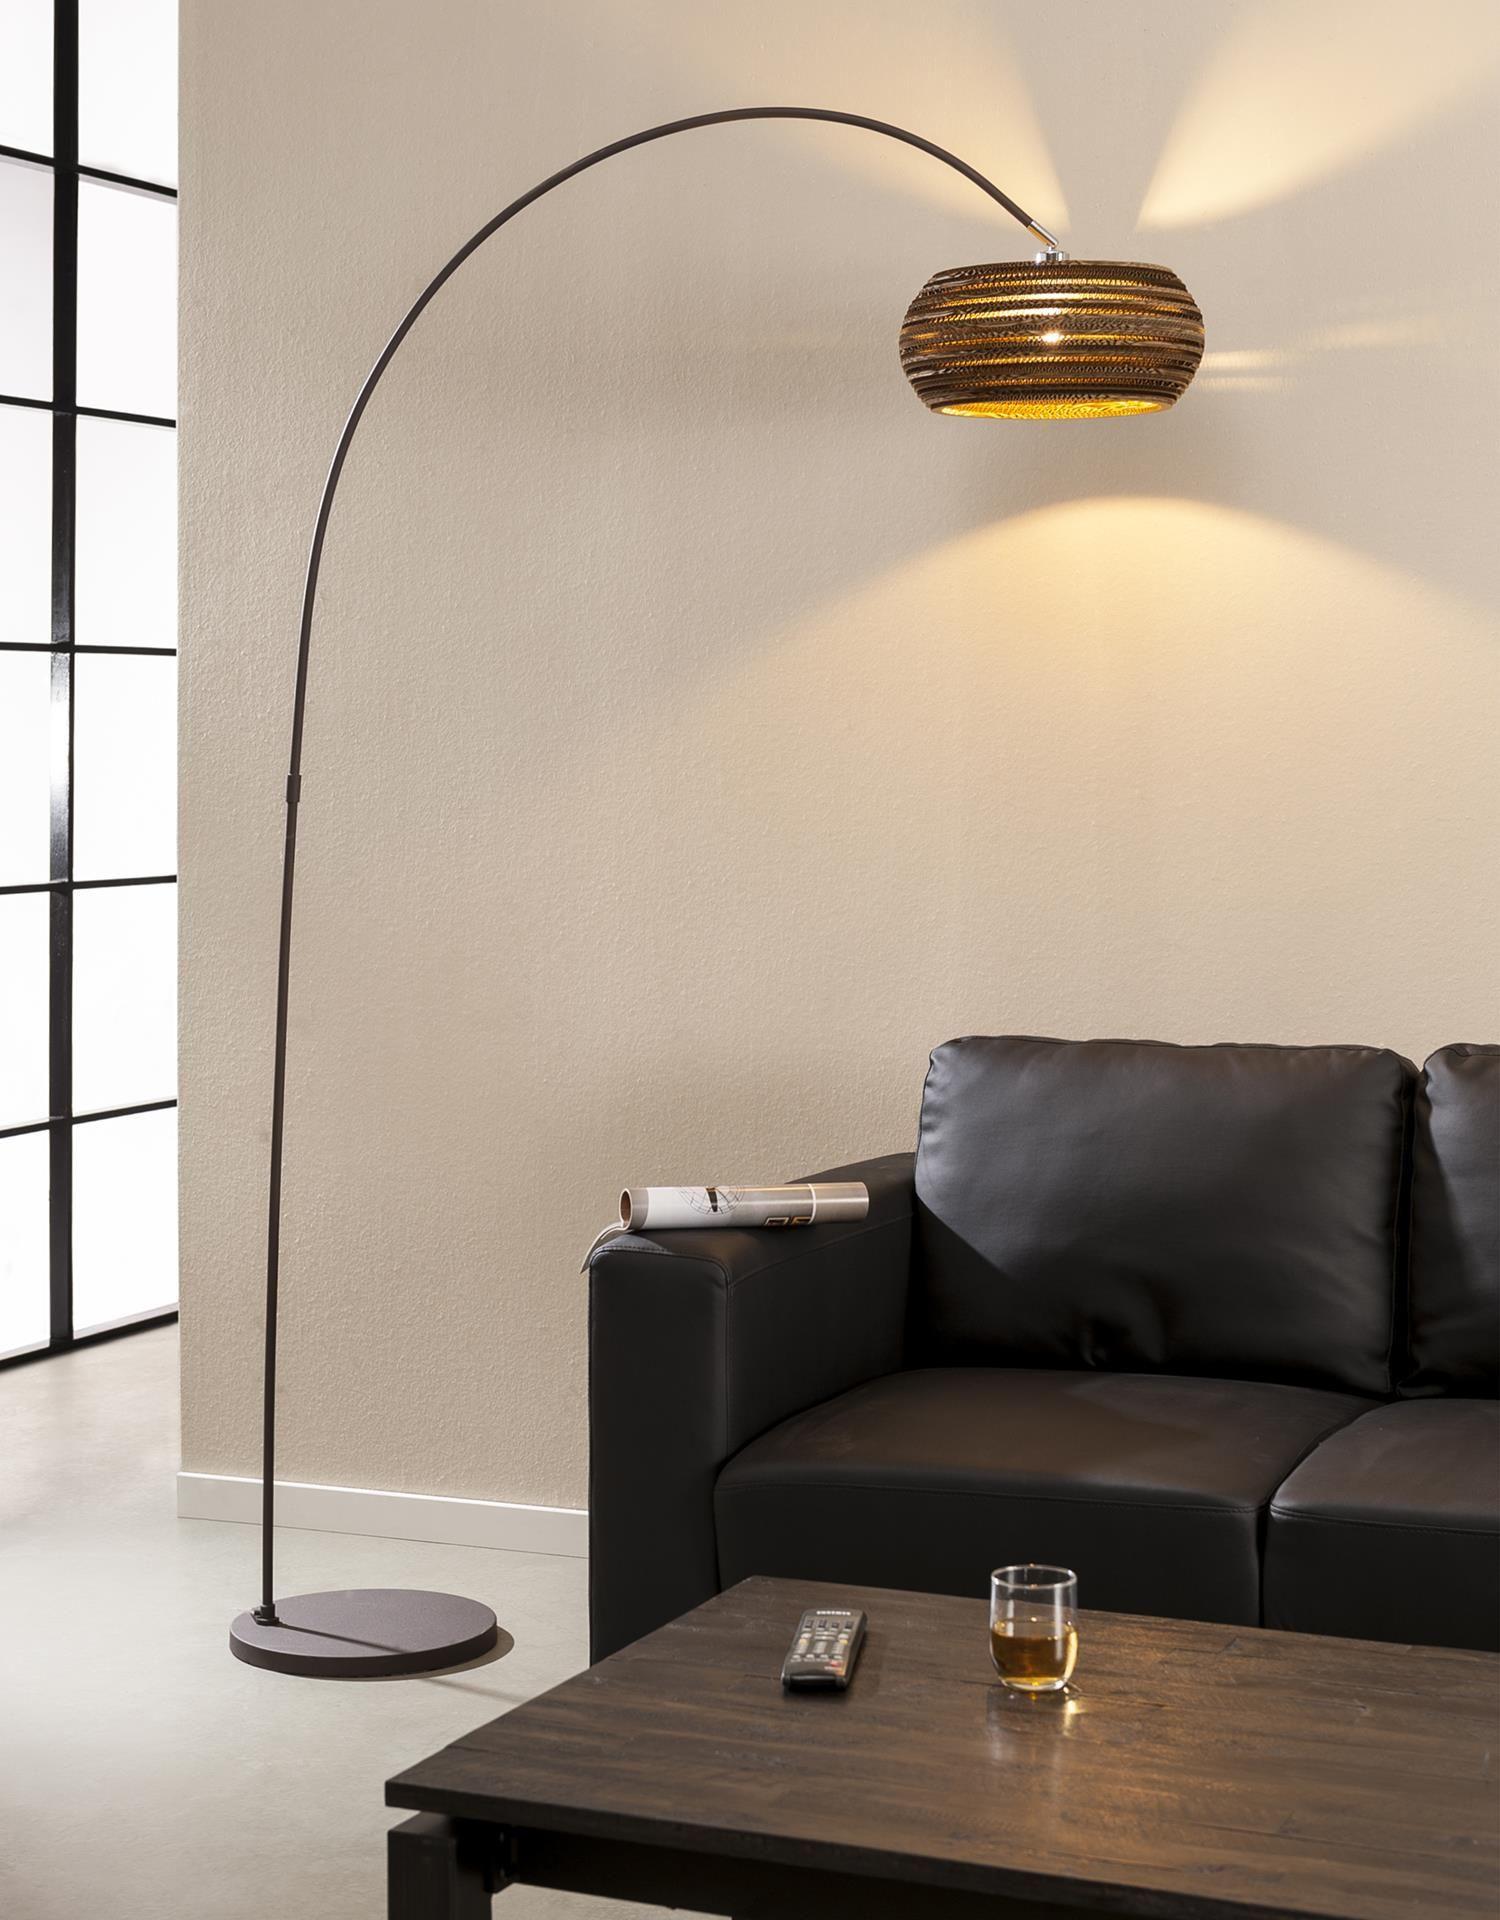 Diese Moderne Stehlampe Ist Aus Miteinander Verklebten, Handgeschnitzen Kartonschichten Hergestellt